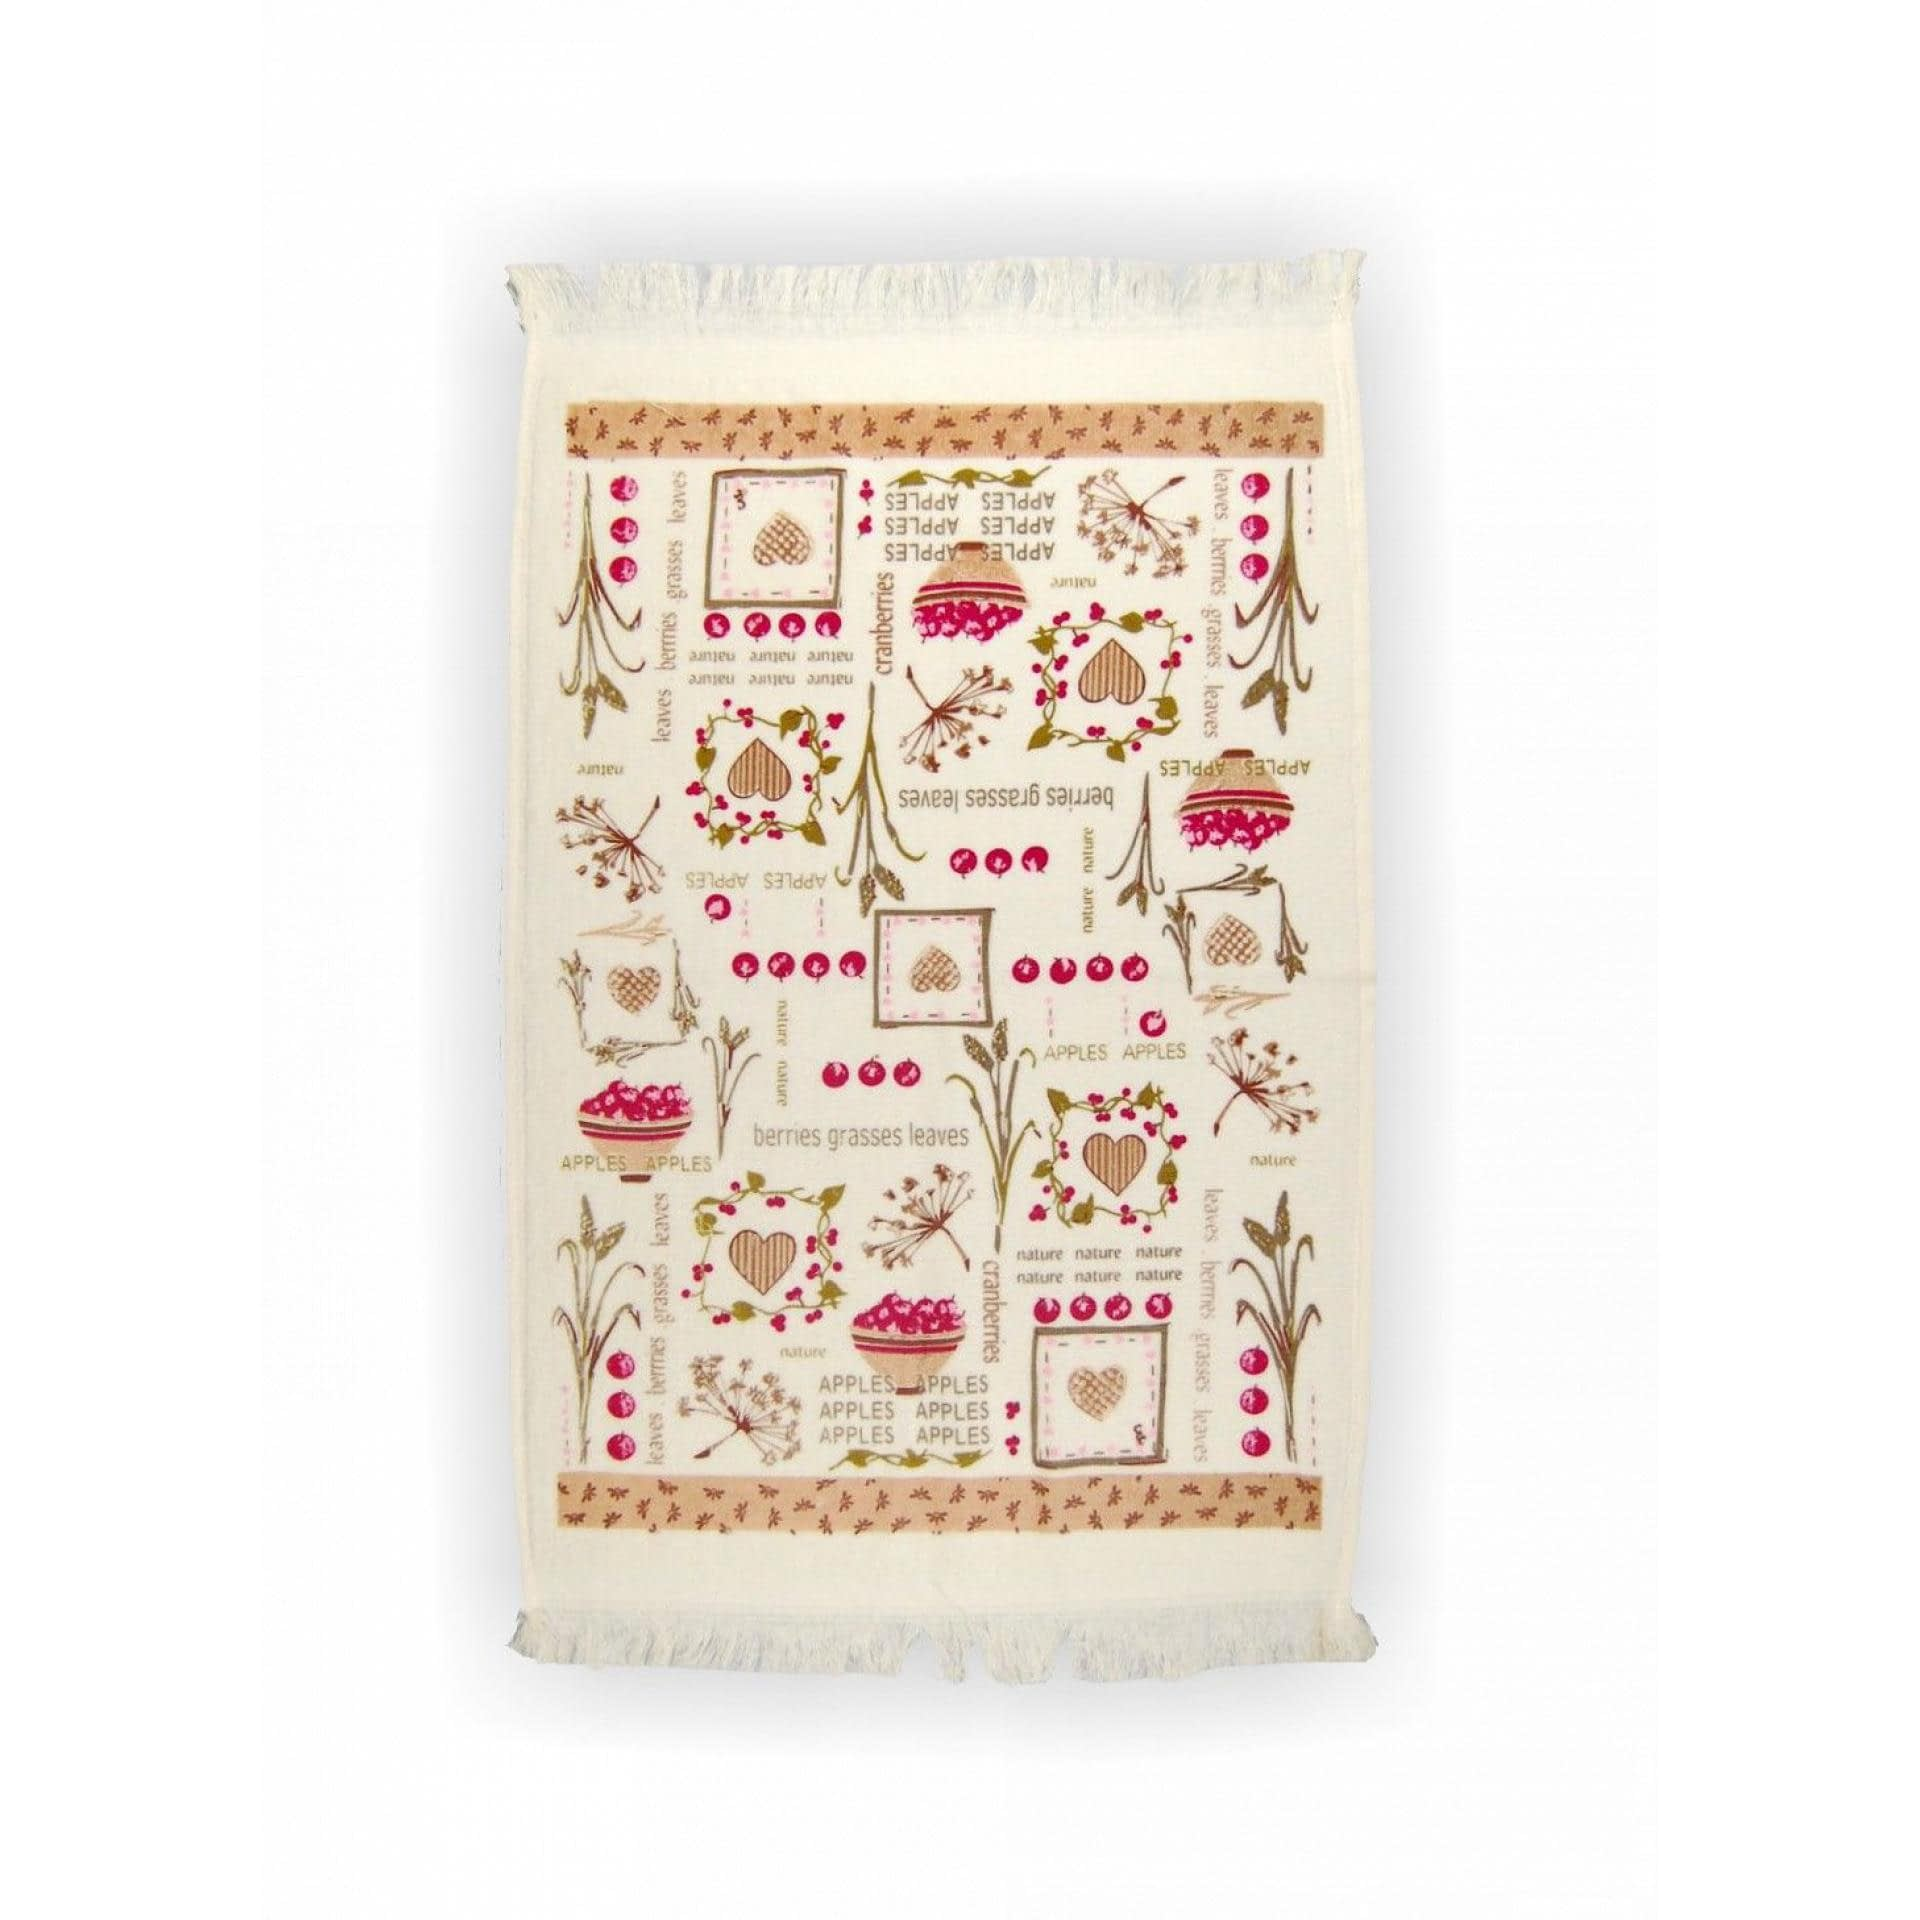 Тканини кухонні рушники - РУШНИК КУХОННИЙ ВЕЛЮРОВИЙ 40х60 СПЕЦІЇ